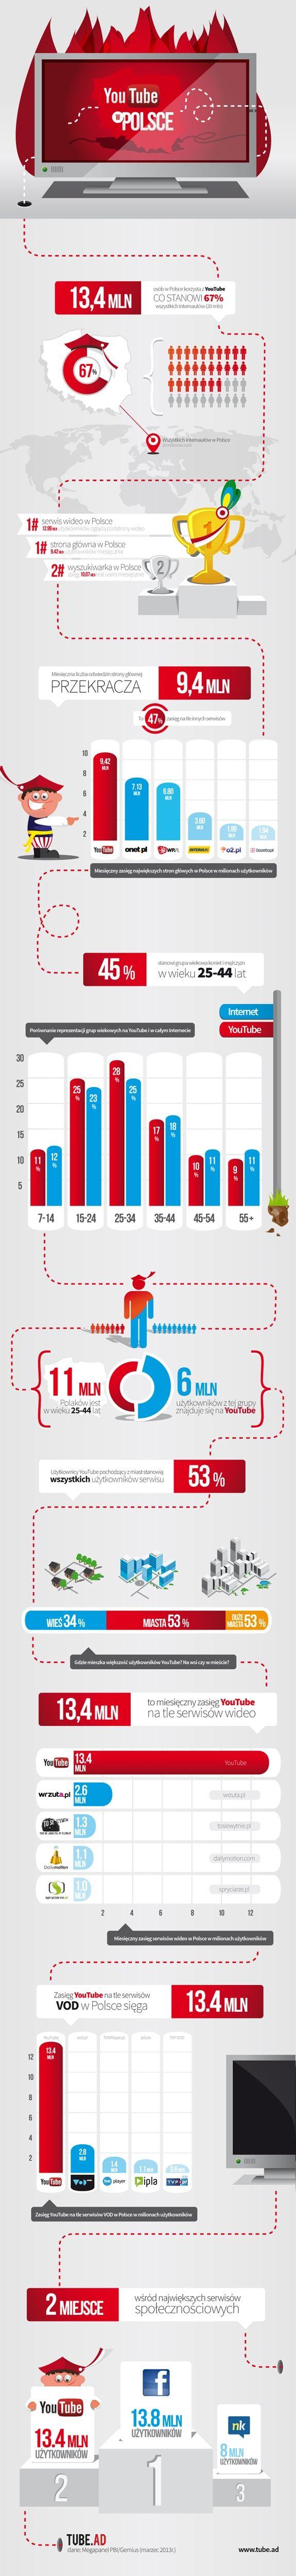 YouTube w Polsce 2013